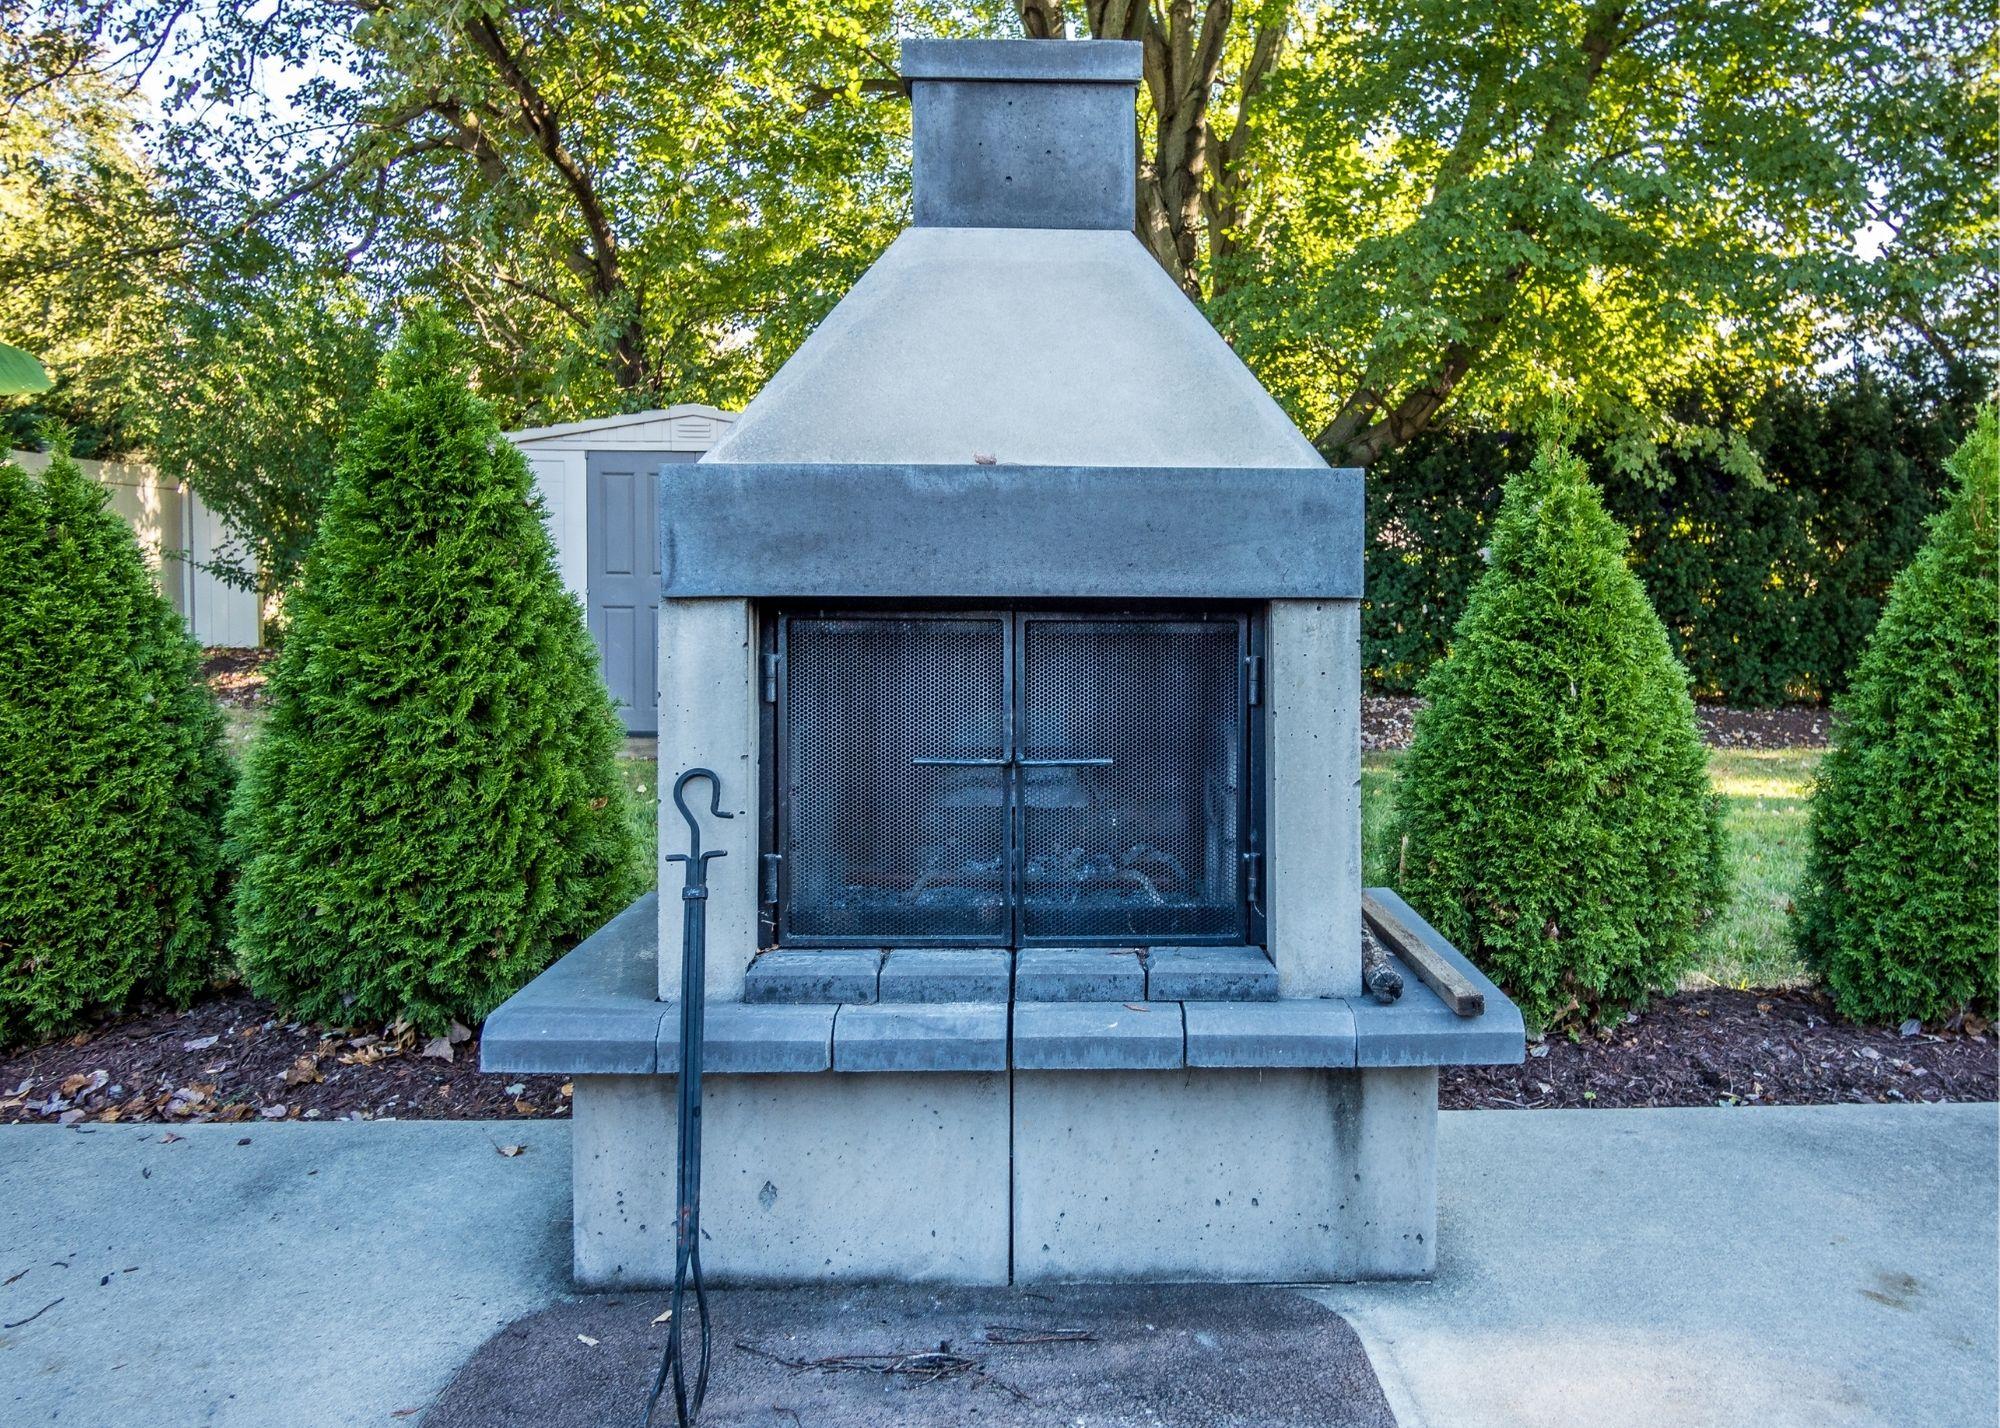 midland-concrete-fire-pit